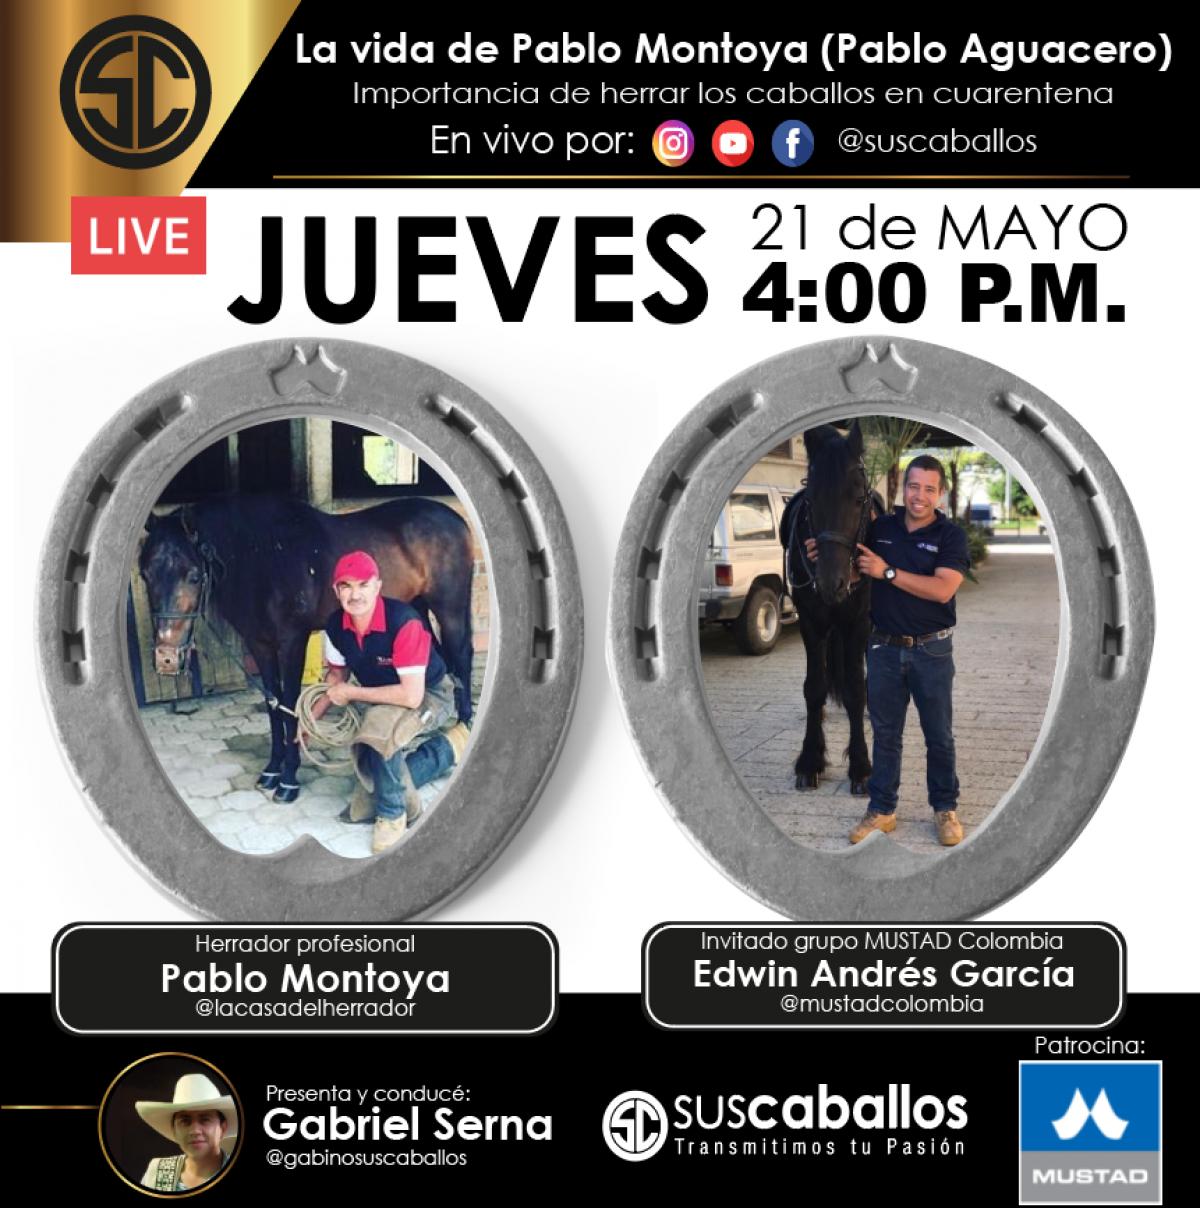 La vida de Pablo Montoya (Pablo Aguacero) y la importancia de herrar los caballos en cuarentena